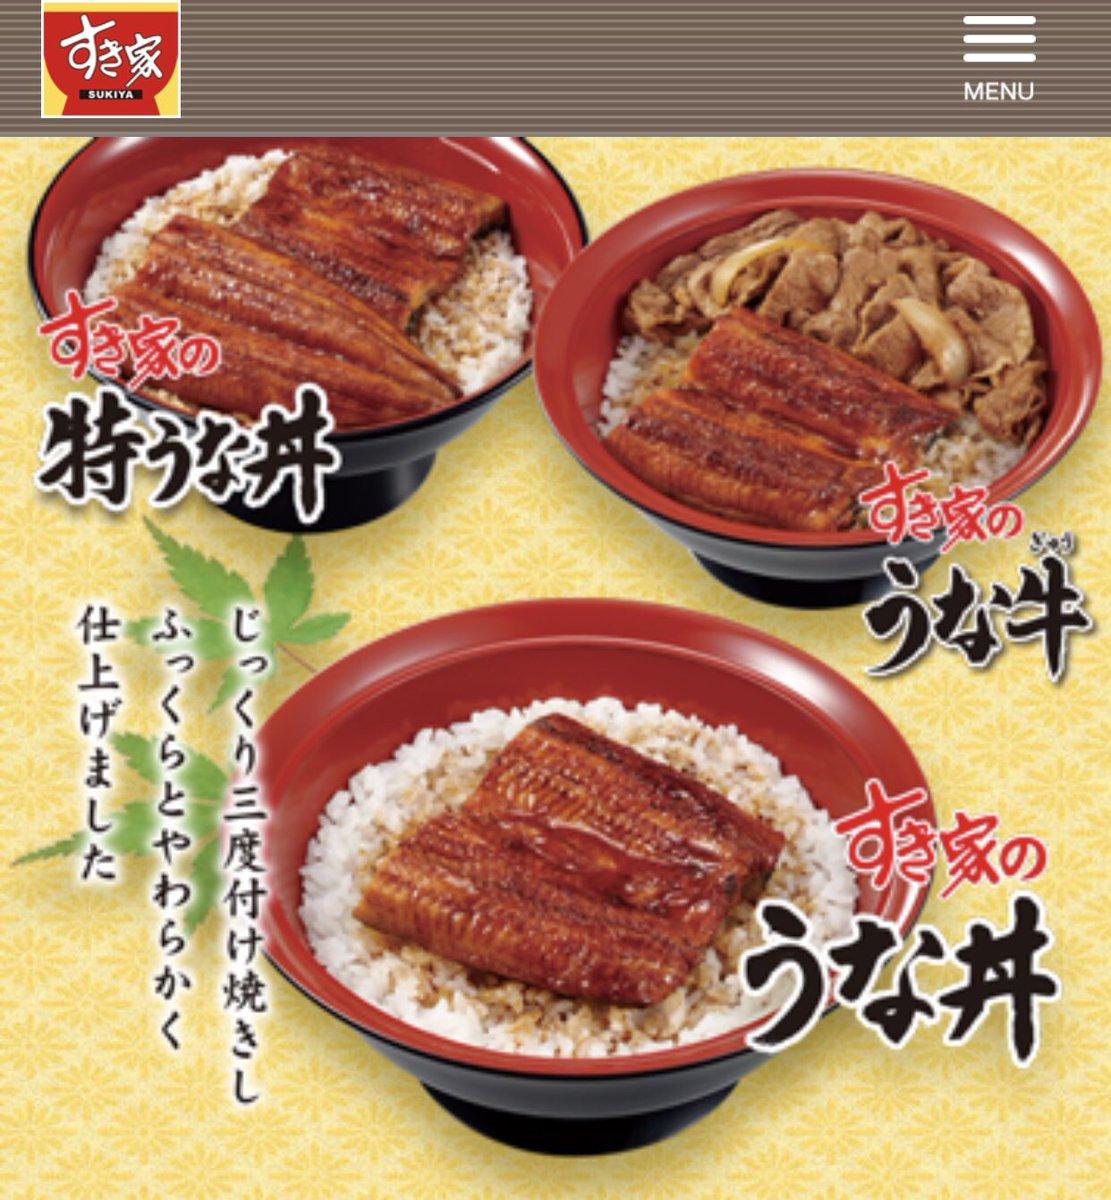 @NJPW_K 安い、早い、美味い。この言葉を知ってる?最強の3原色。いつでも連れてってあげるから早くホテル戻っておいで。本当に美味い飯それ...